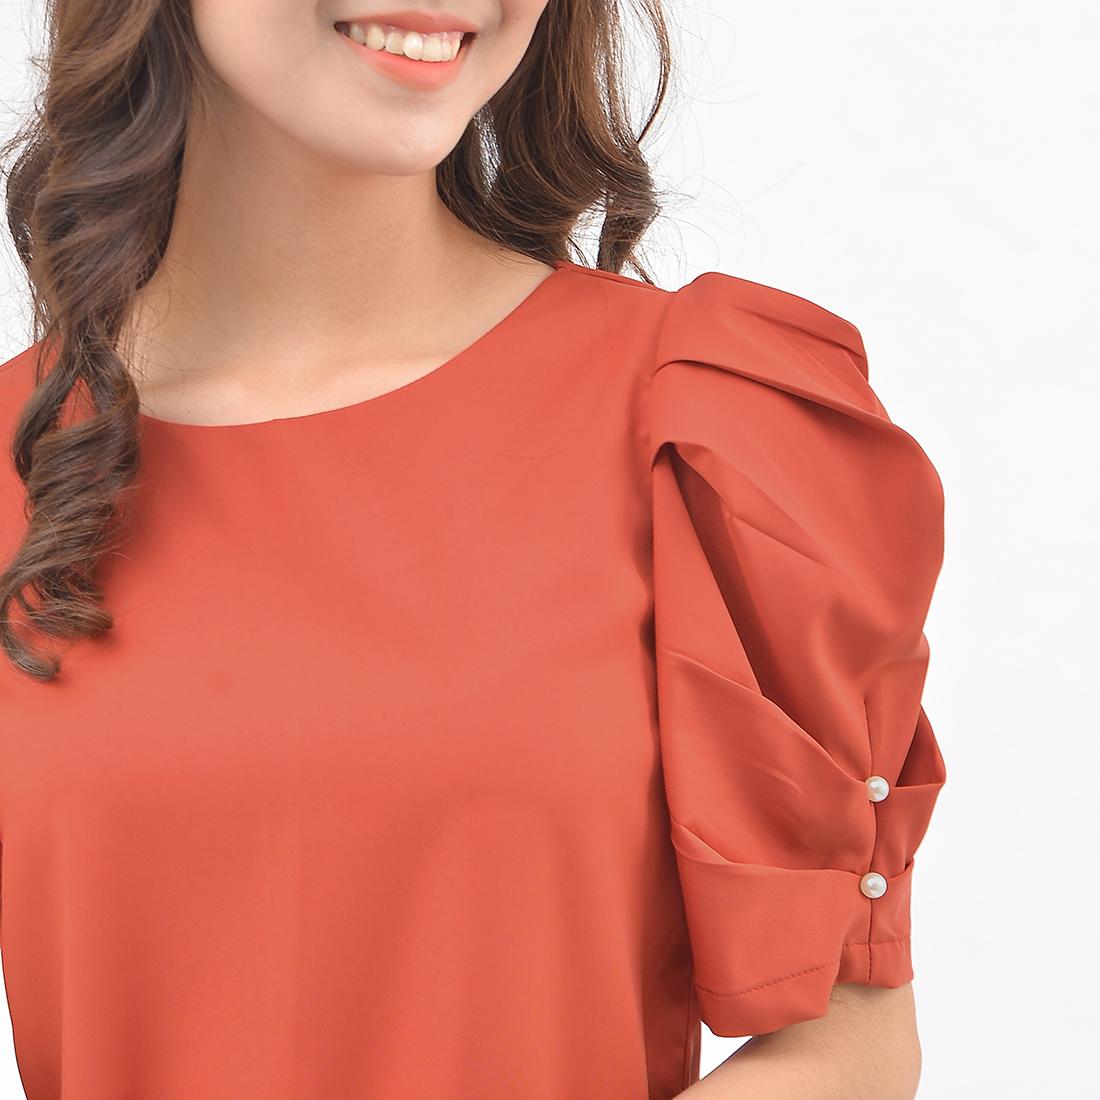 Áo kiểu nữ thời trang Eden dáng suông tay phồng đính hạt. Kiểu dáng thời trang, nữ tính. Chất liệu mềm mại, không nhăn - ASM134